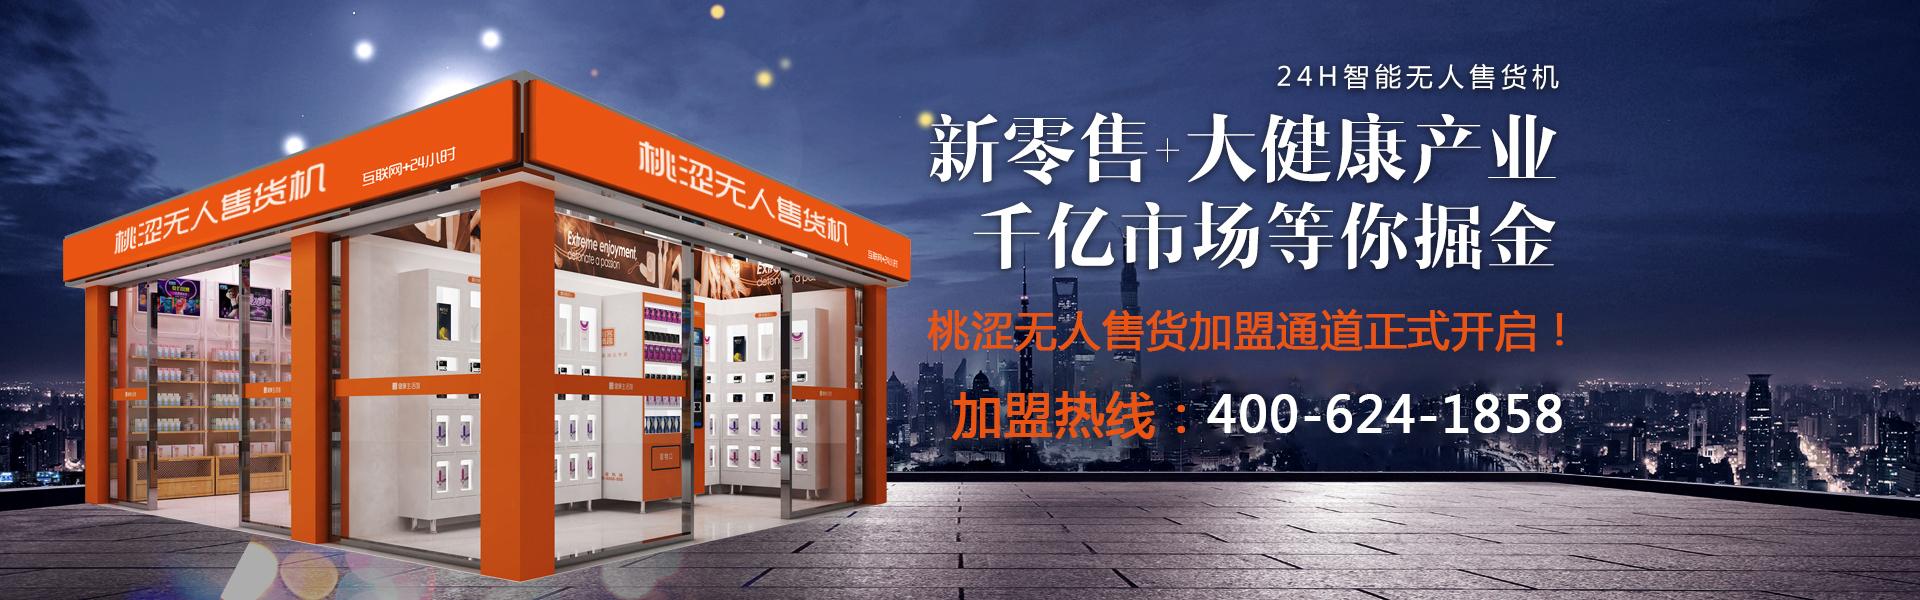 葫芦岛无人售卖机,辽宁无人超市加盟